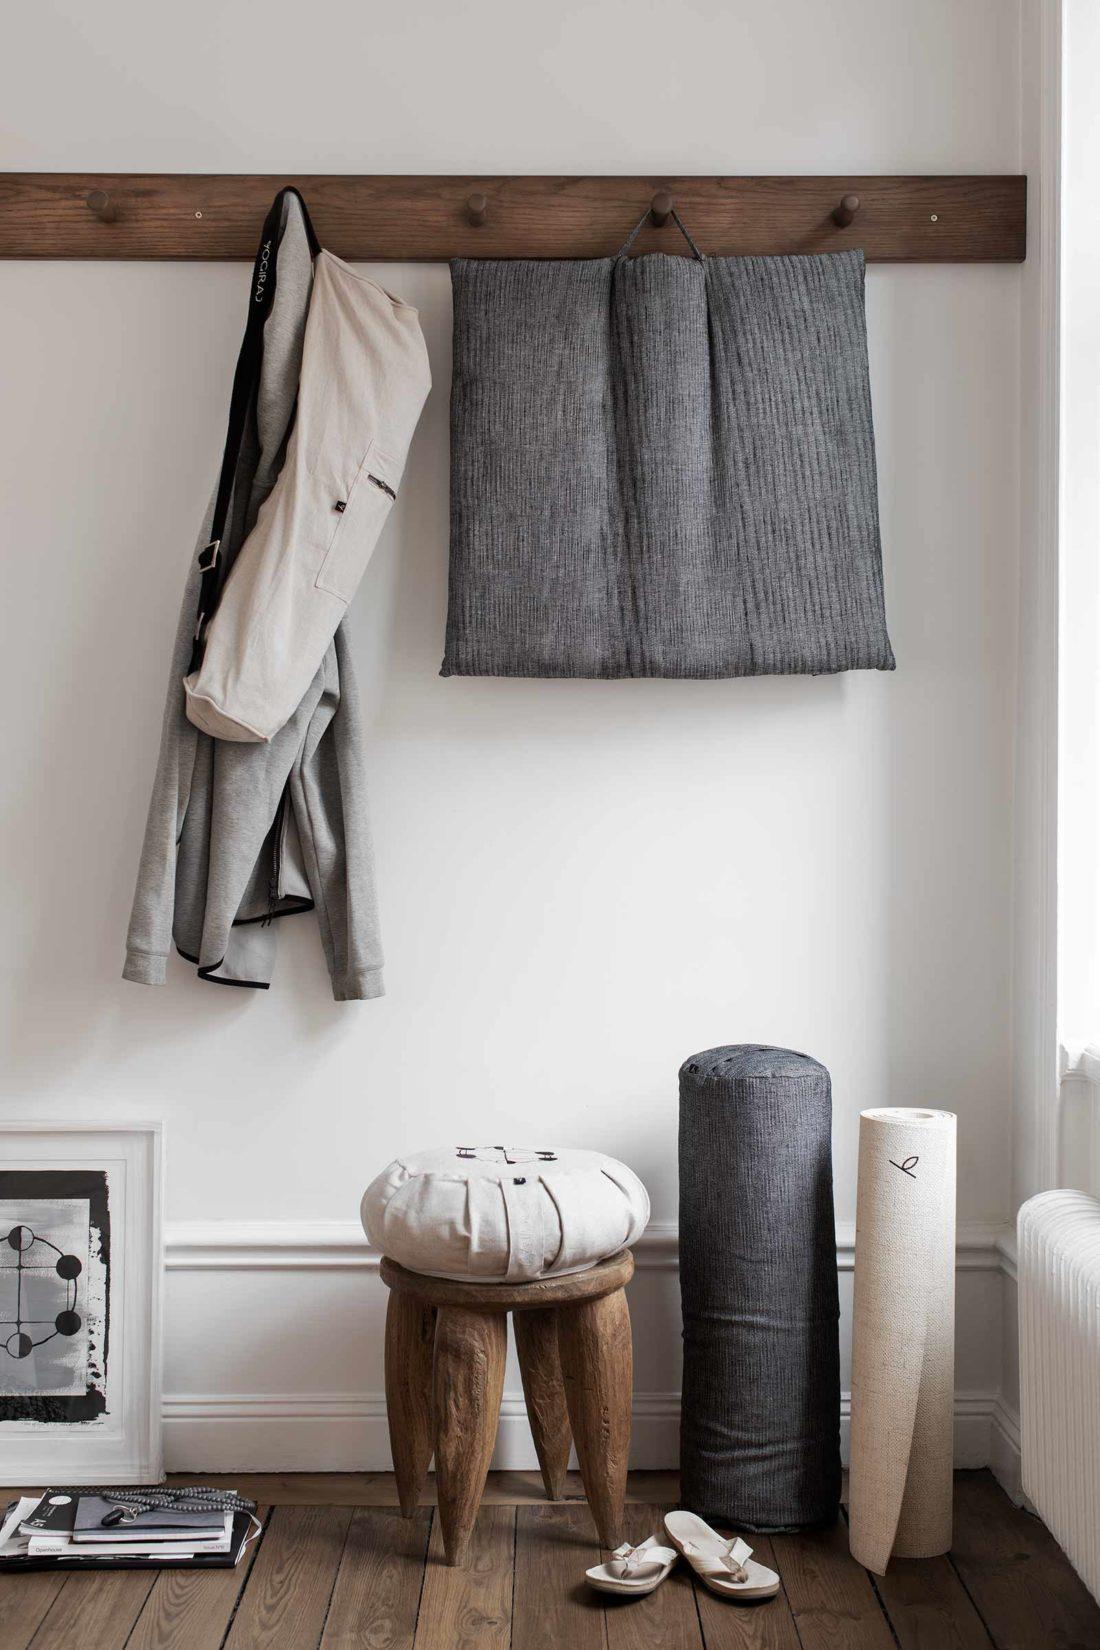 Estetiska och vackra produkter designade av Ann Ringstrand för Yogiraj fotograferade i miljö